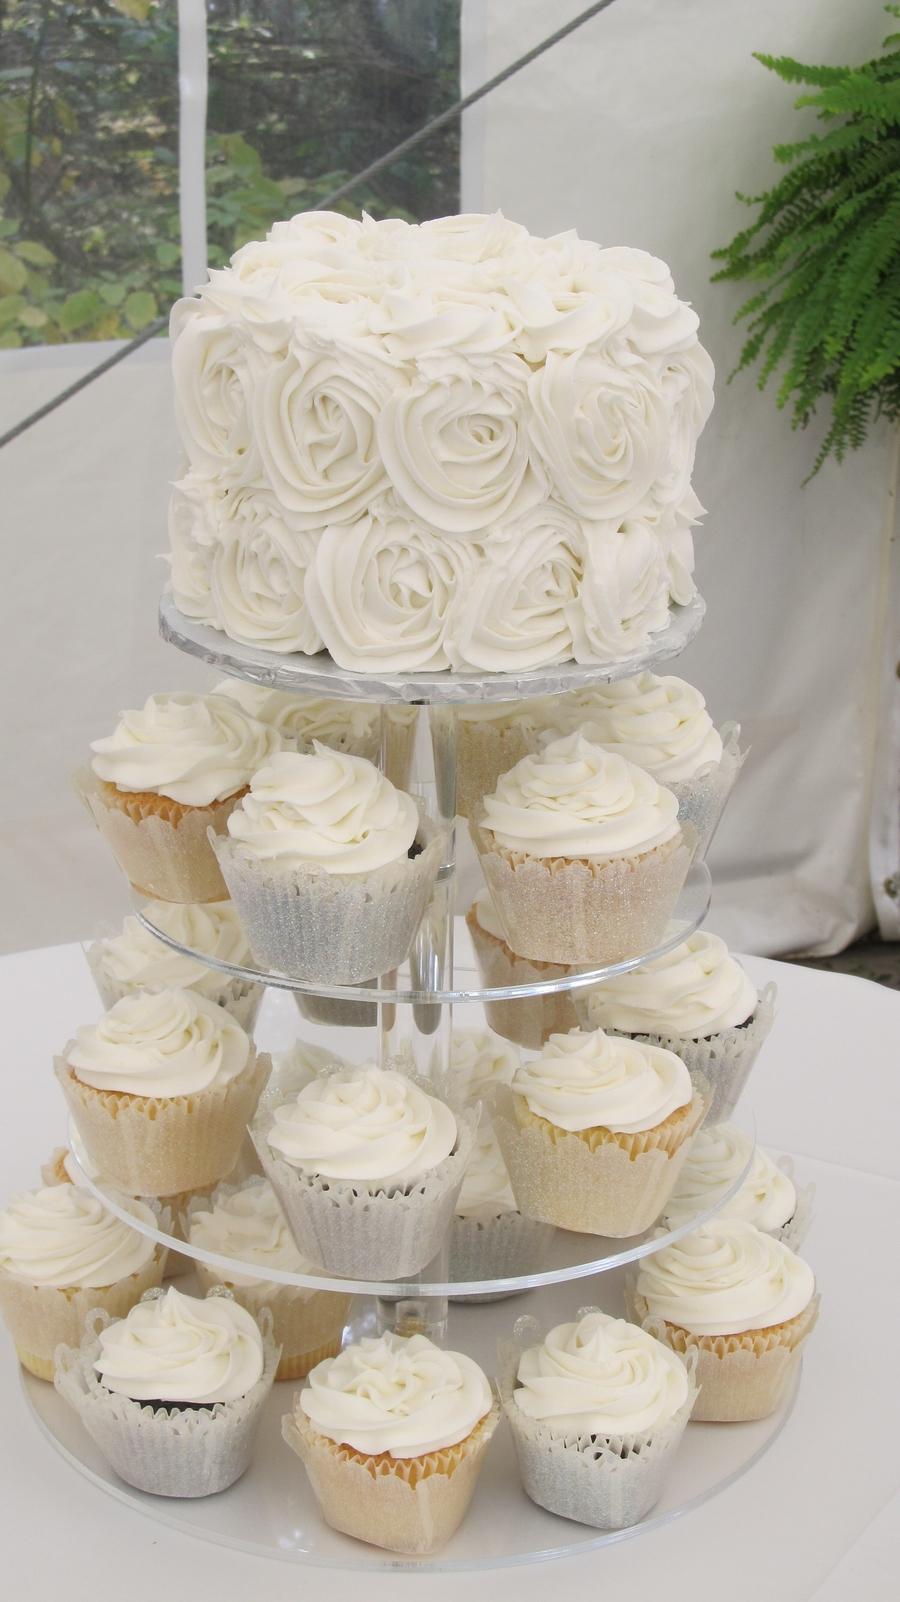 Stylish Wedding Cakes